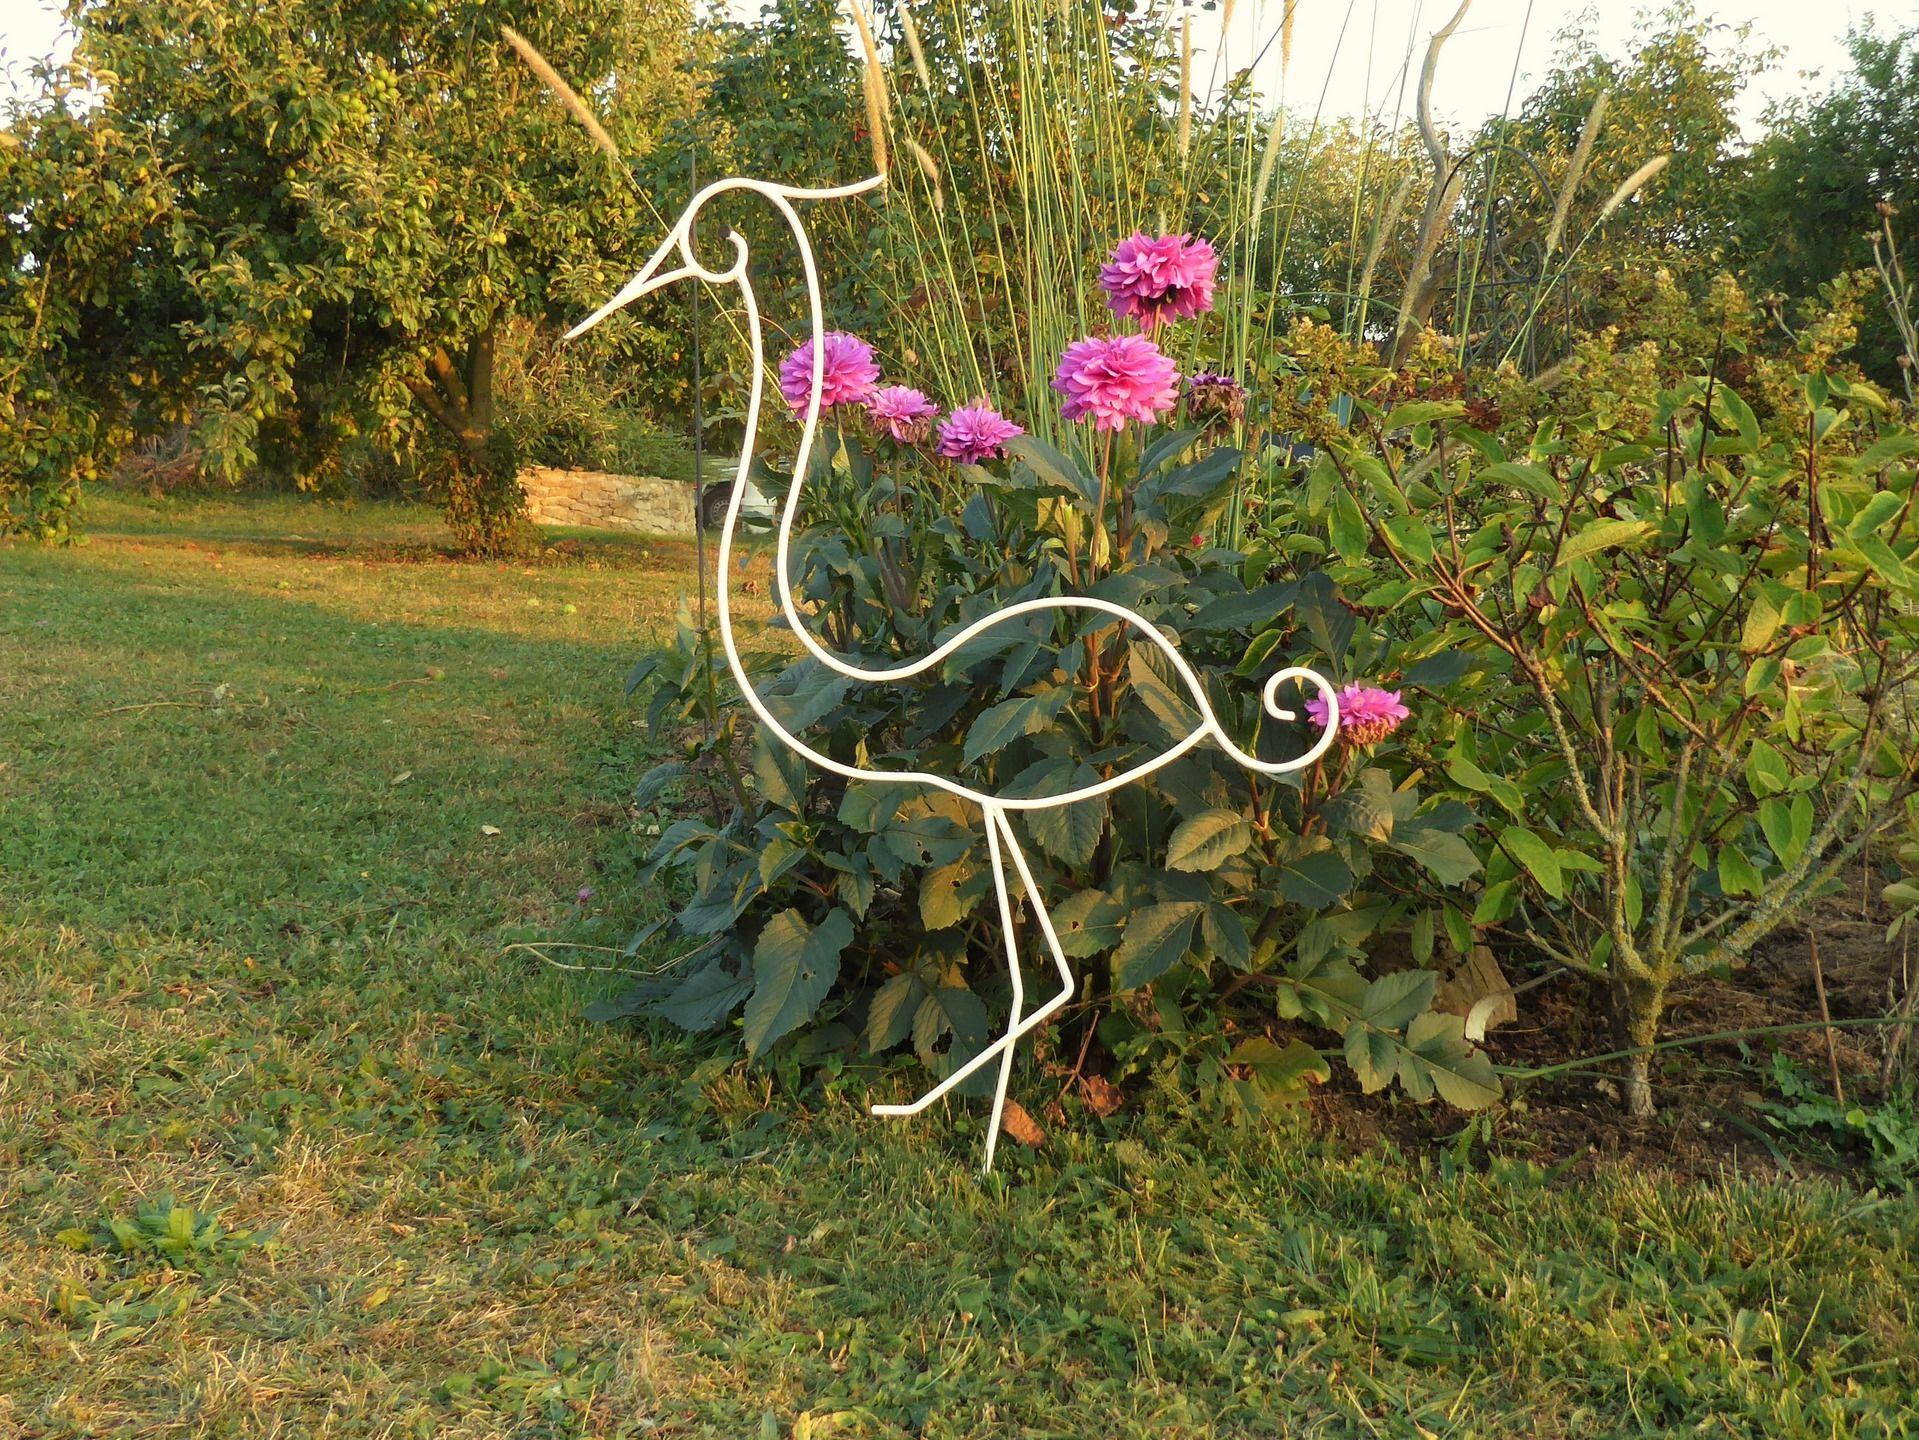 Aigrette En Fer Forge Pour Decoration De Jardin Modele Nestor Con Imagenes Artesanias Metalicas Decoraciones De Jardin Macetas De Herreria